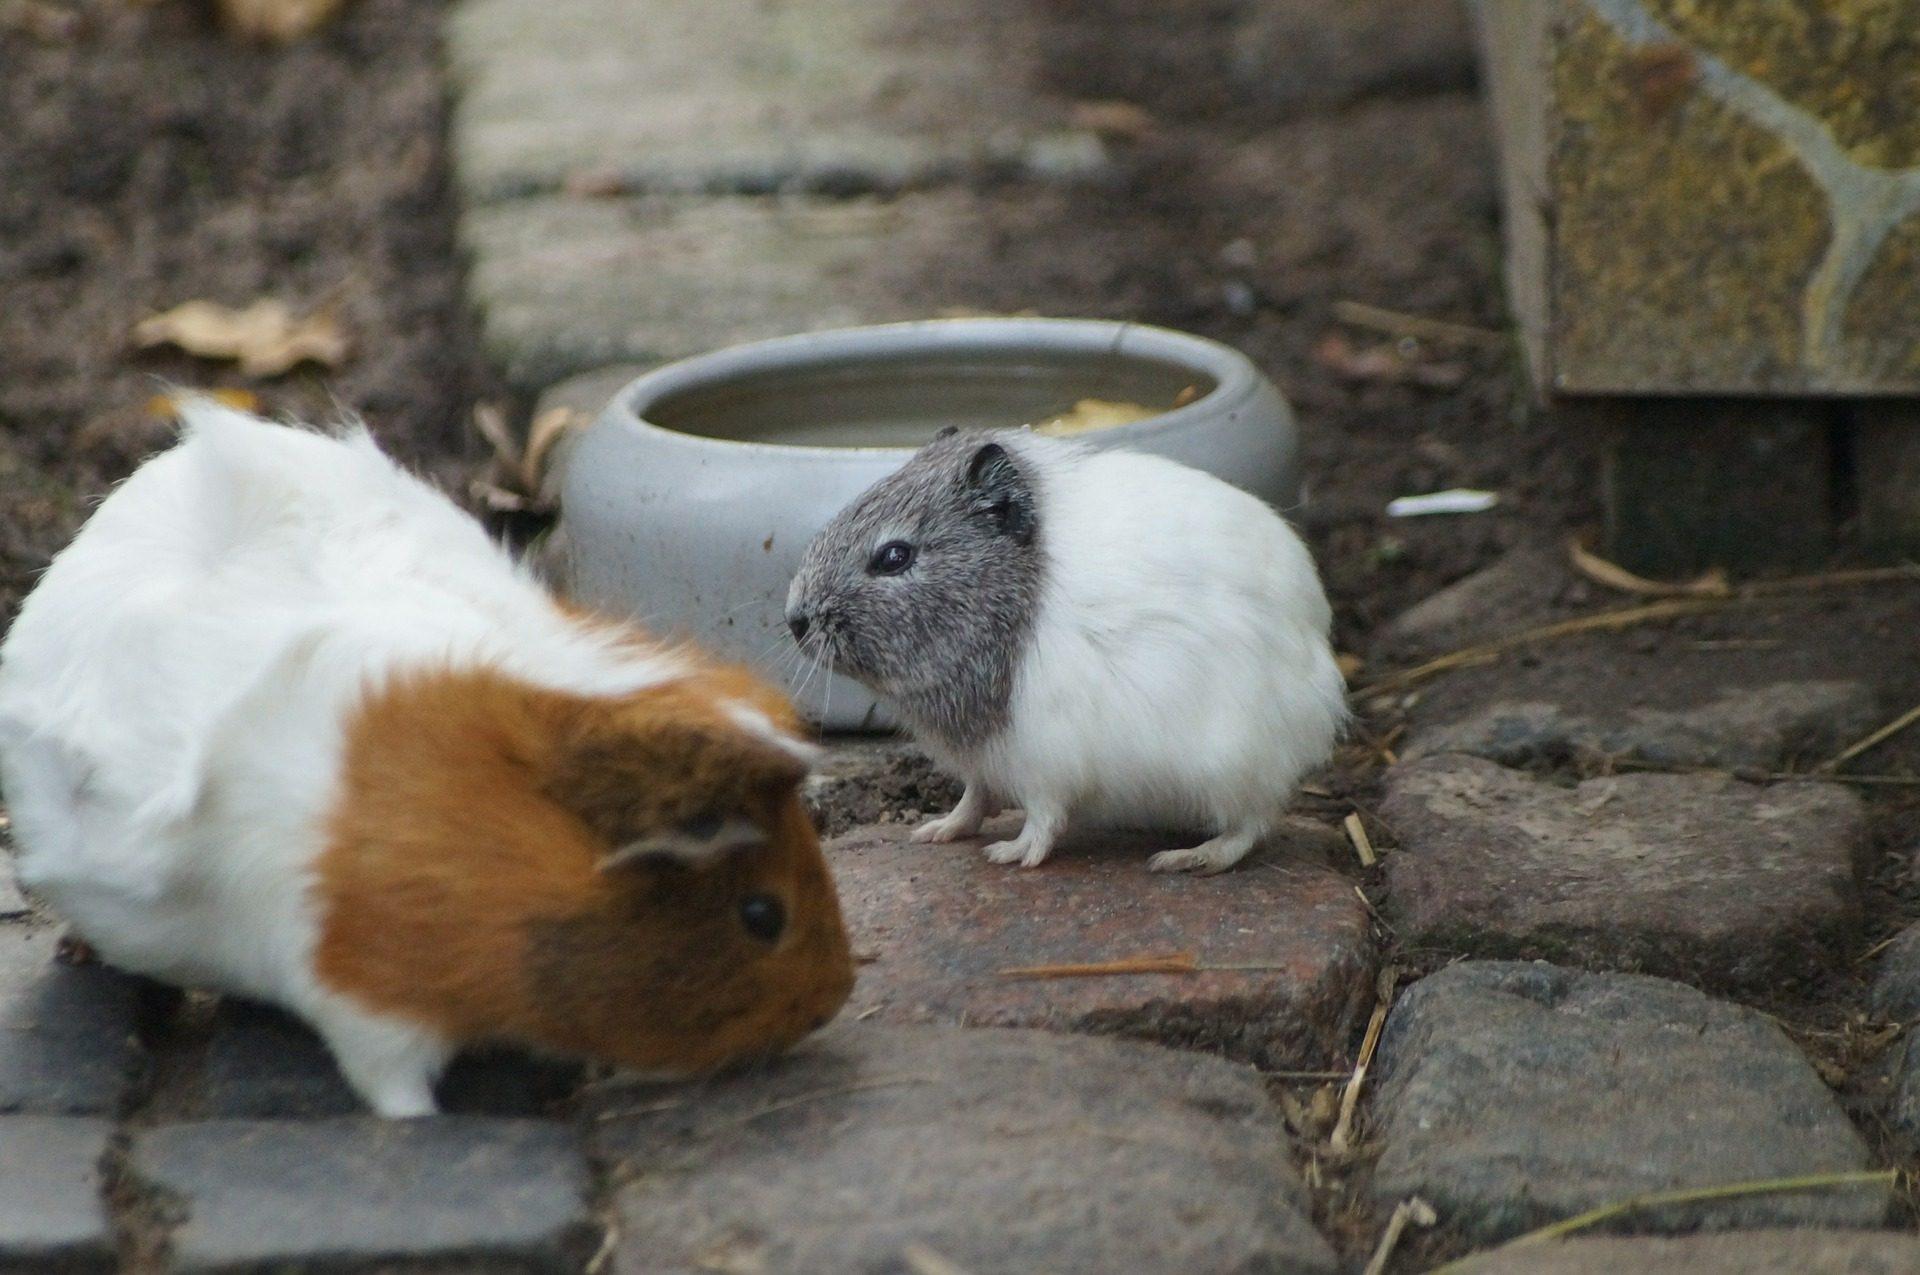 Guiné, Indian, roedores, animais de estimação, Hamster - Papéis de parede HD - Professor-falken.com